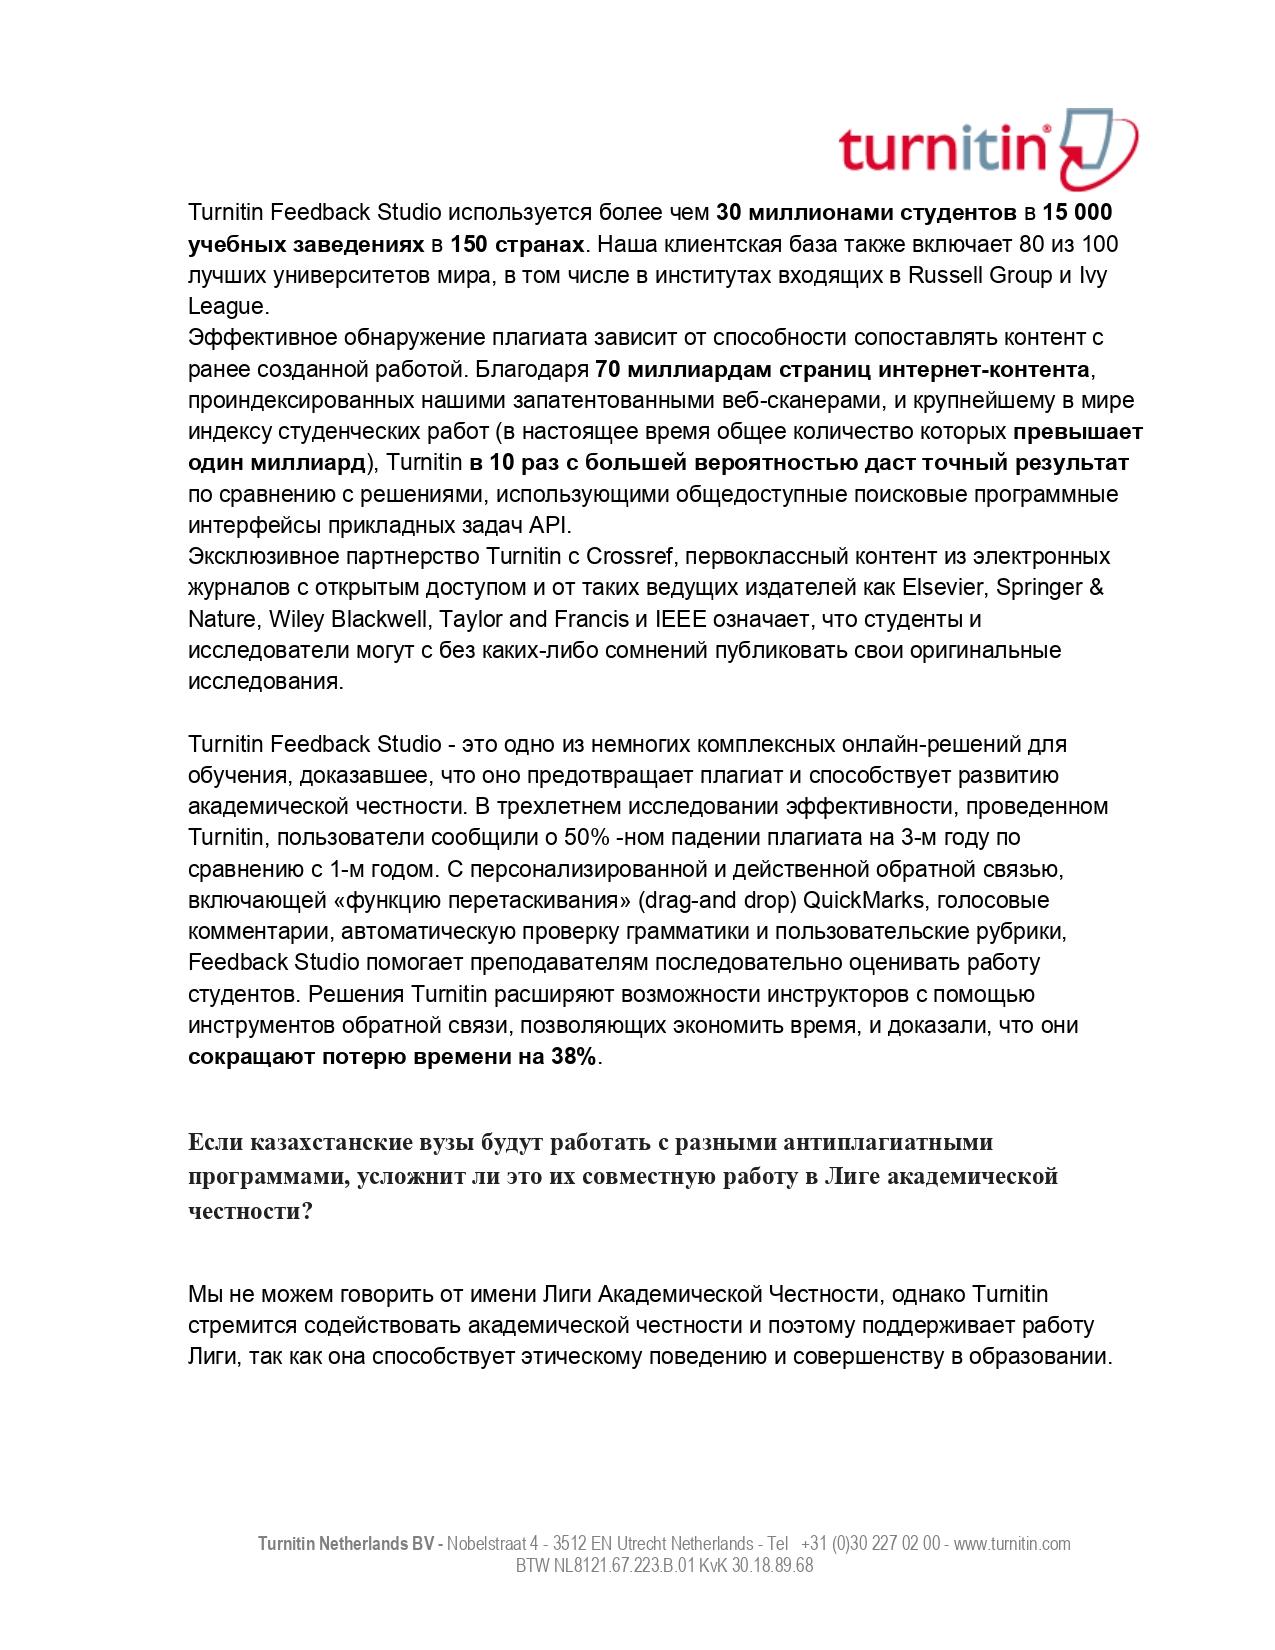 https://inbusiness.kz/ru/images/original/25/images/NEvaQeV6.jpg